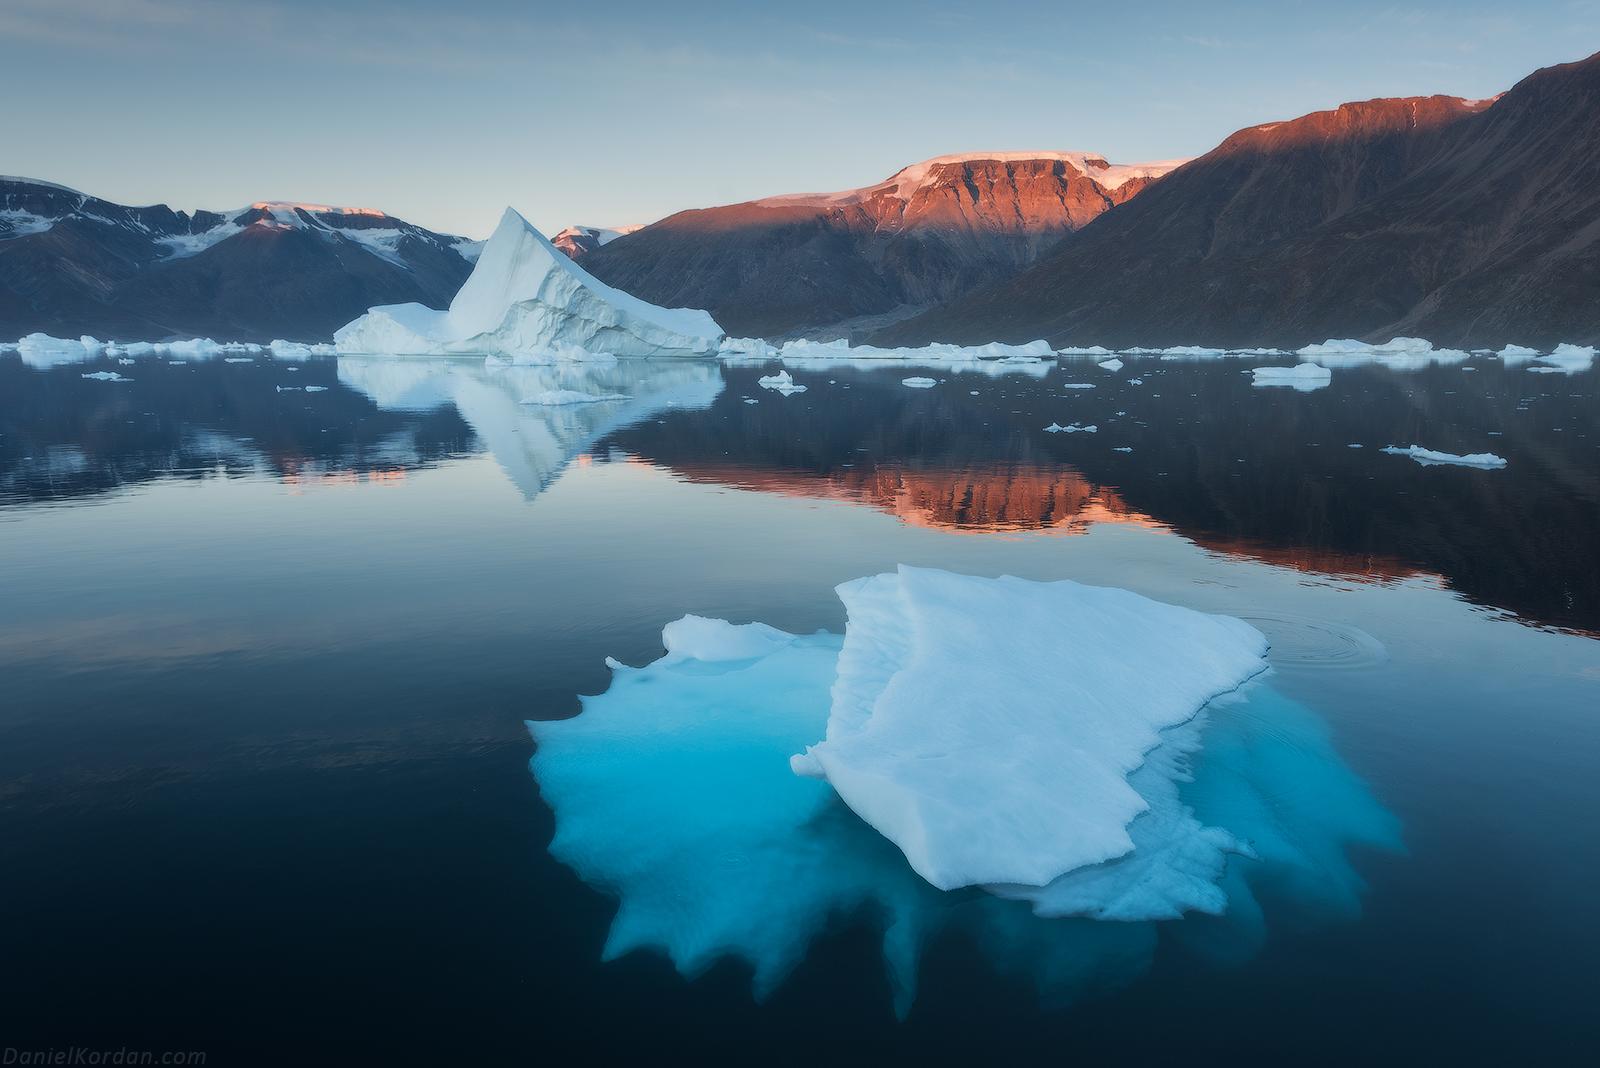 Séjour été 8 jours | Découverte de l'Islande en profondeur et du Groenland - day 4